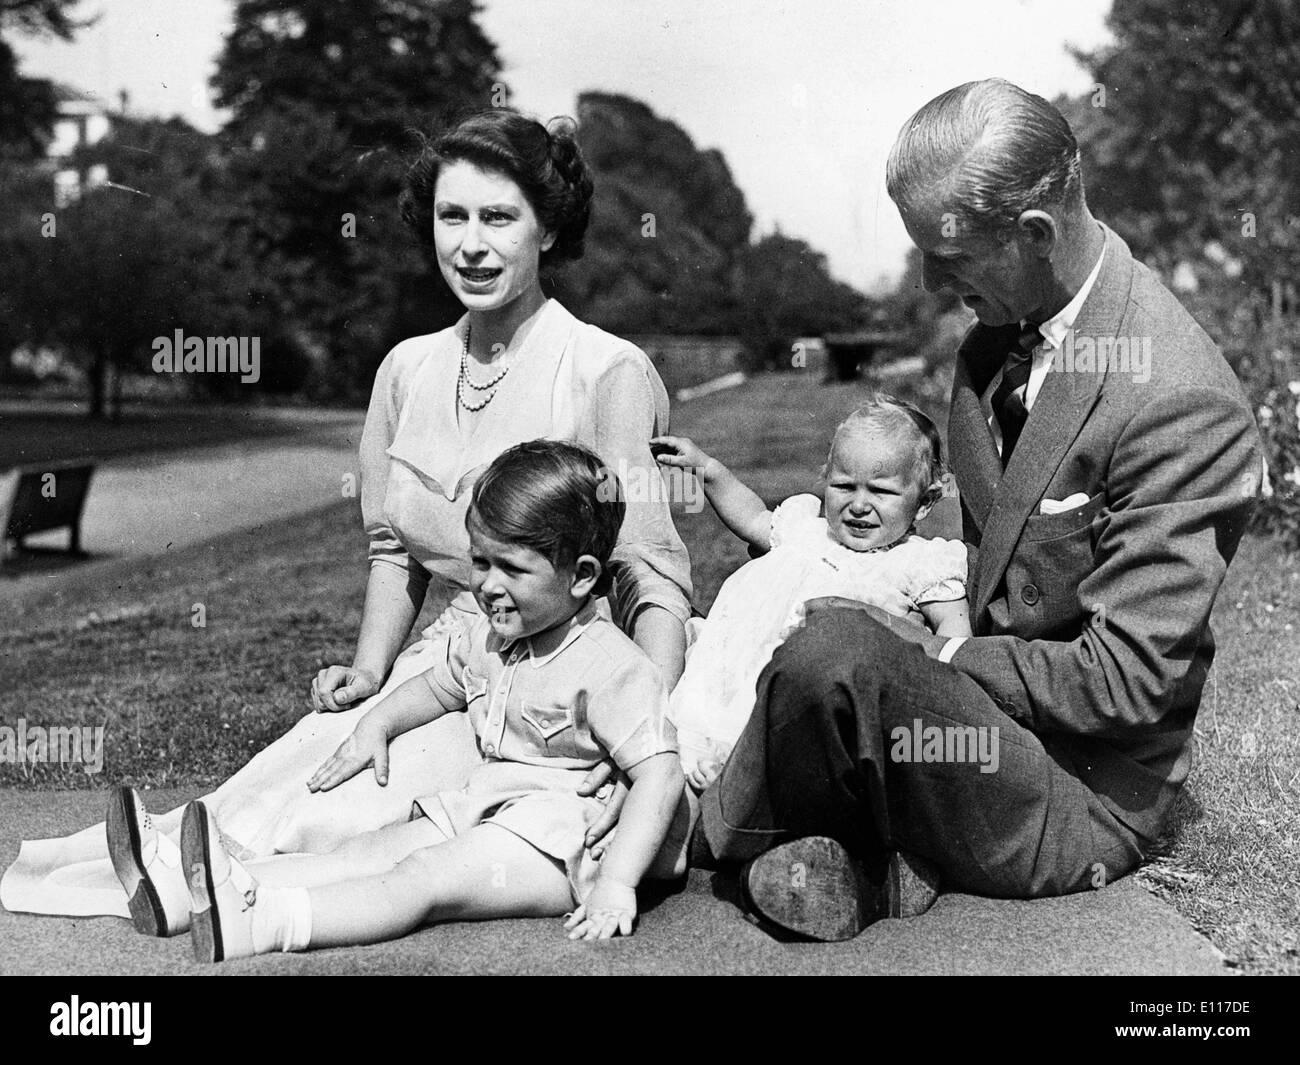 queen-elizabeth-ii-and-prince-philip-with-children-E117DE.jpg